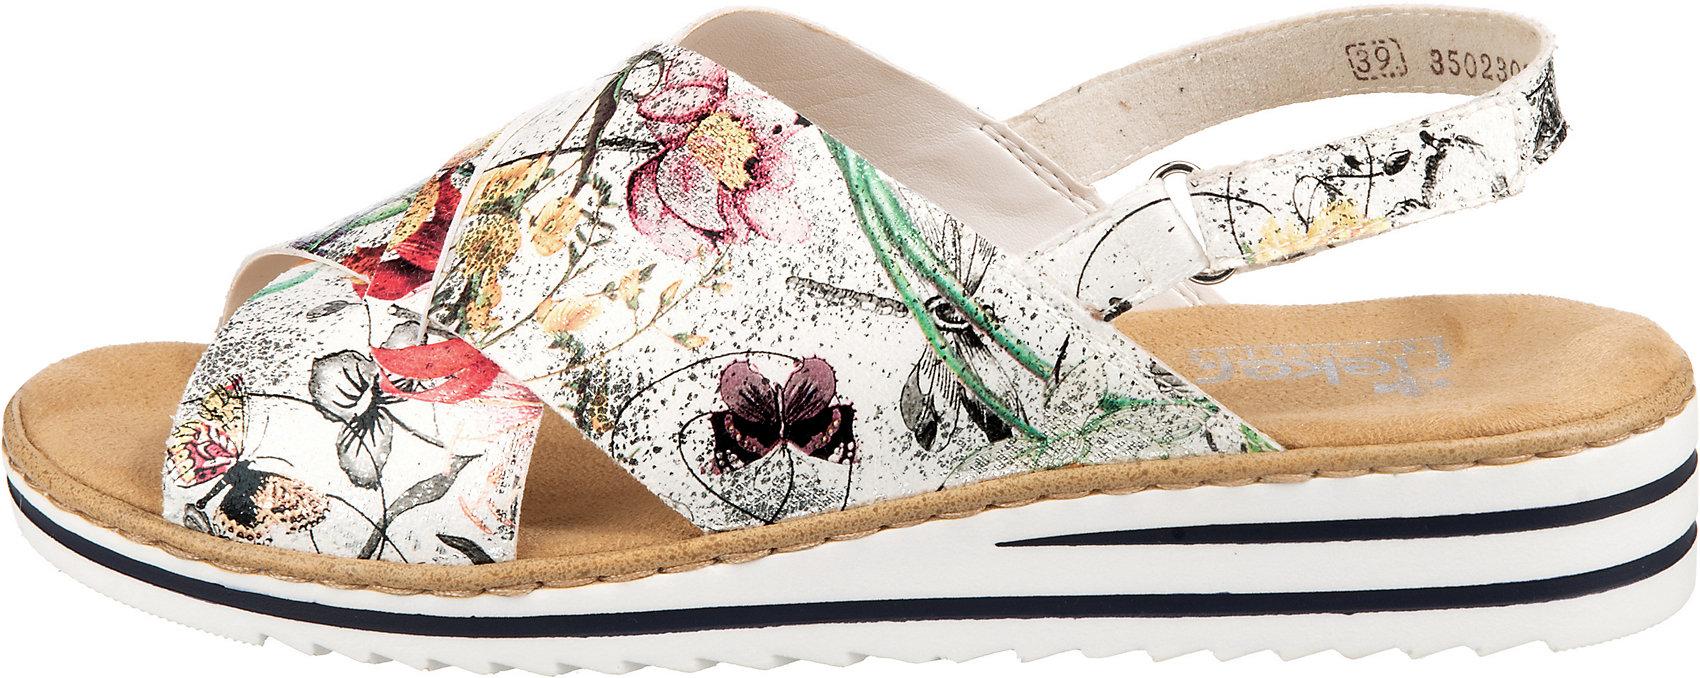 rieker, Klassische Sandalen, bunt | mirapodo